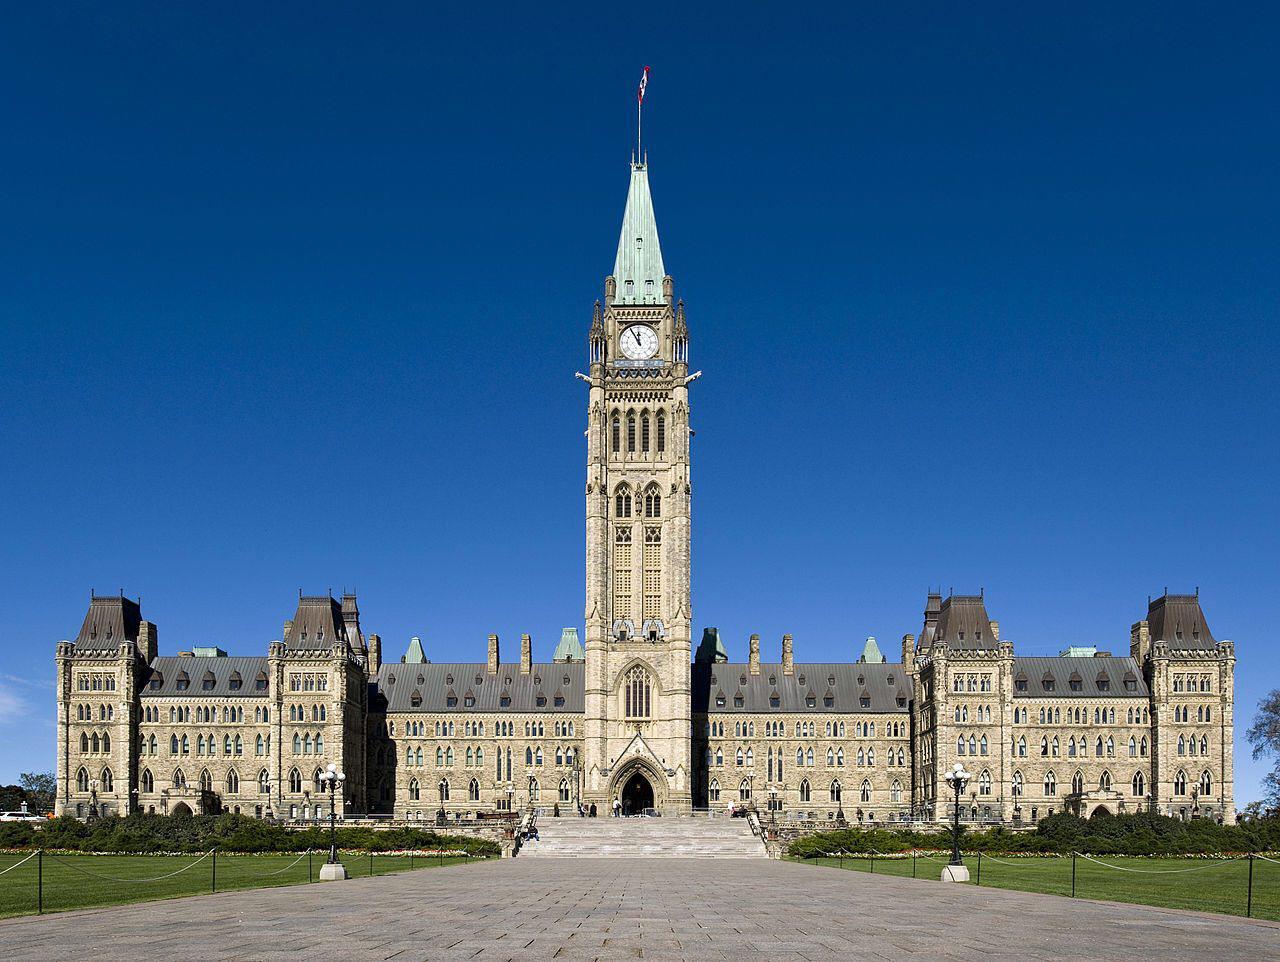 صورة وكيل المرجع الشيرازي  يلتقي بنائب  في البرلمان الكندي ويناقش اوضاع الشيعة هناك